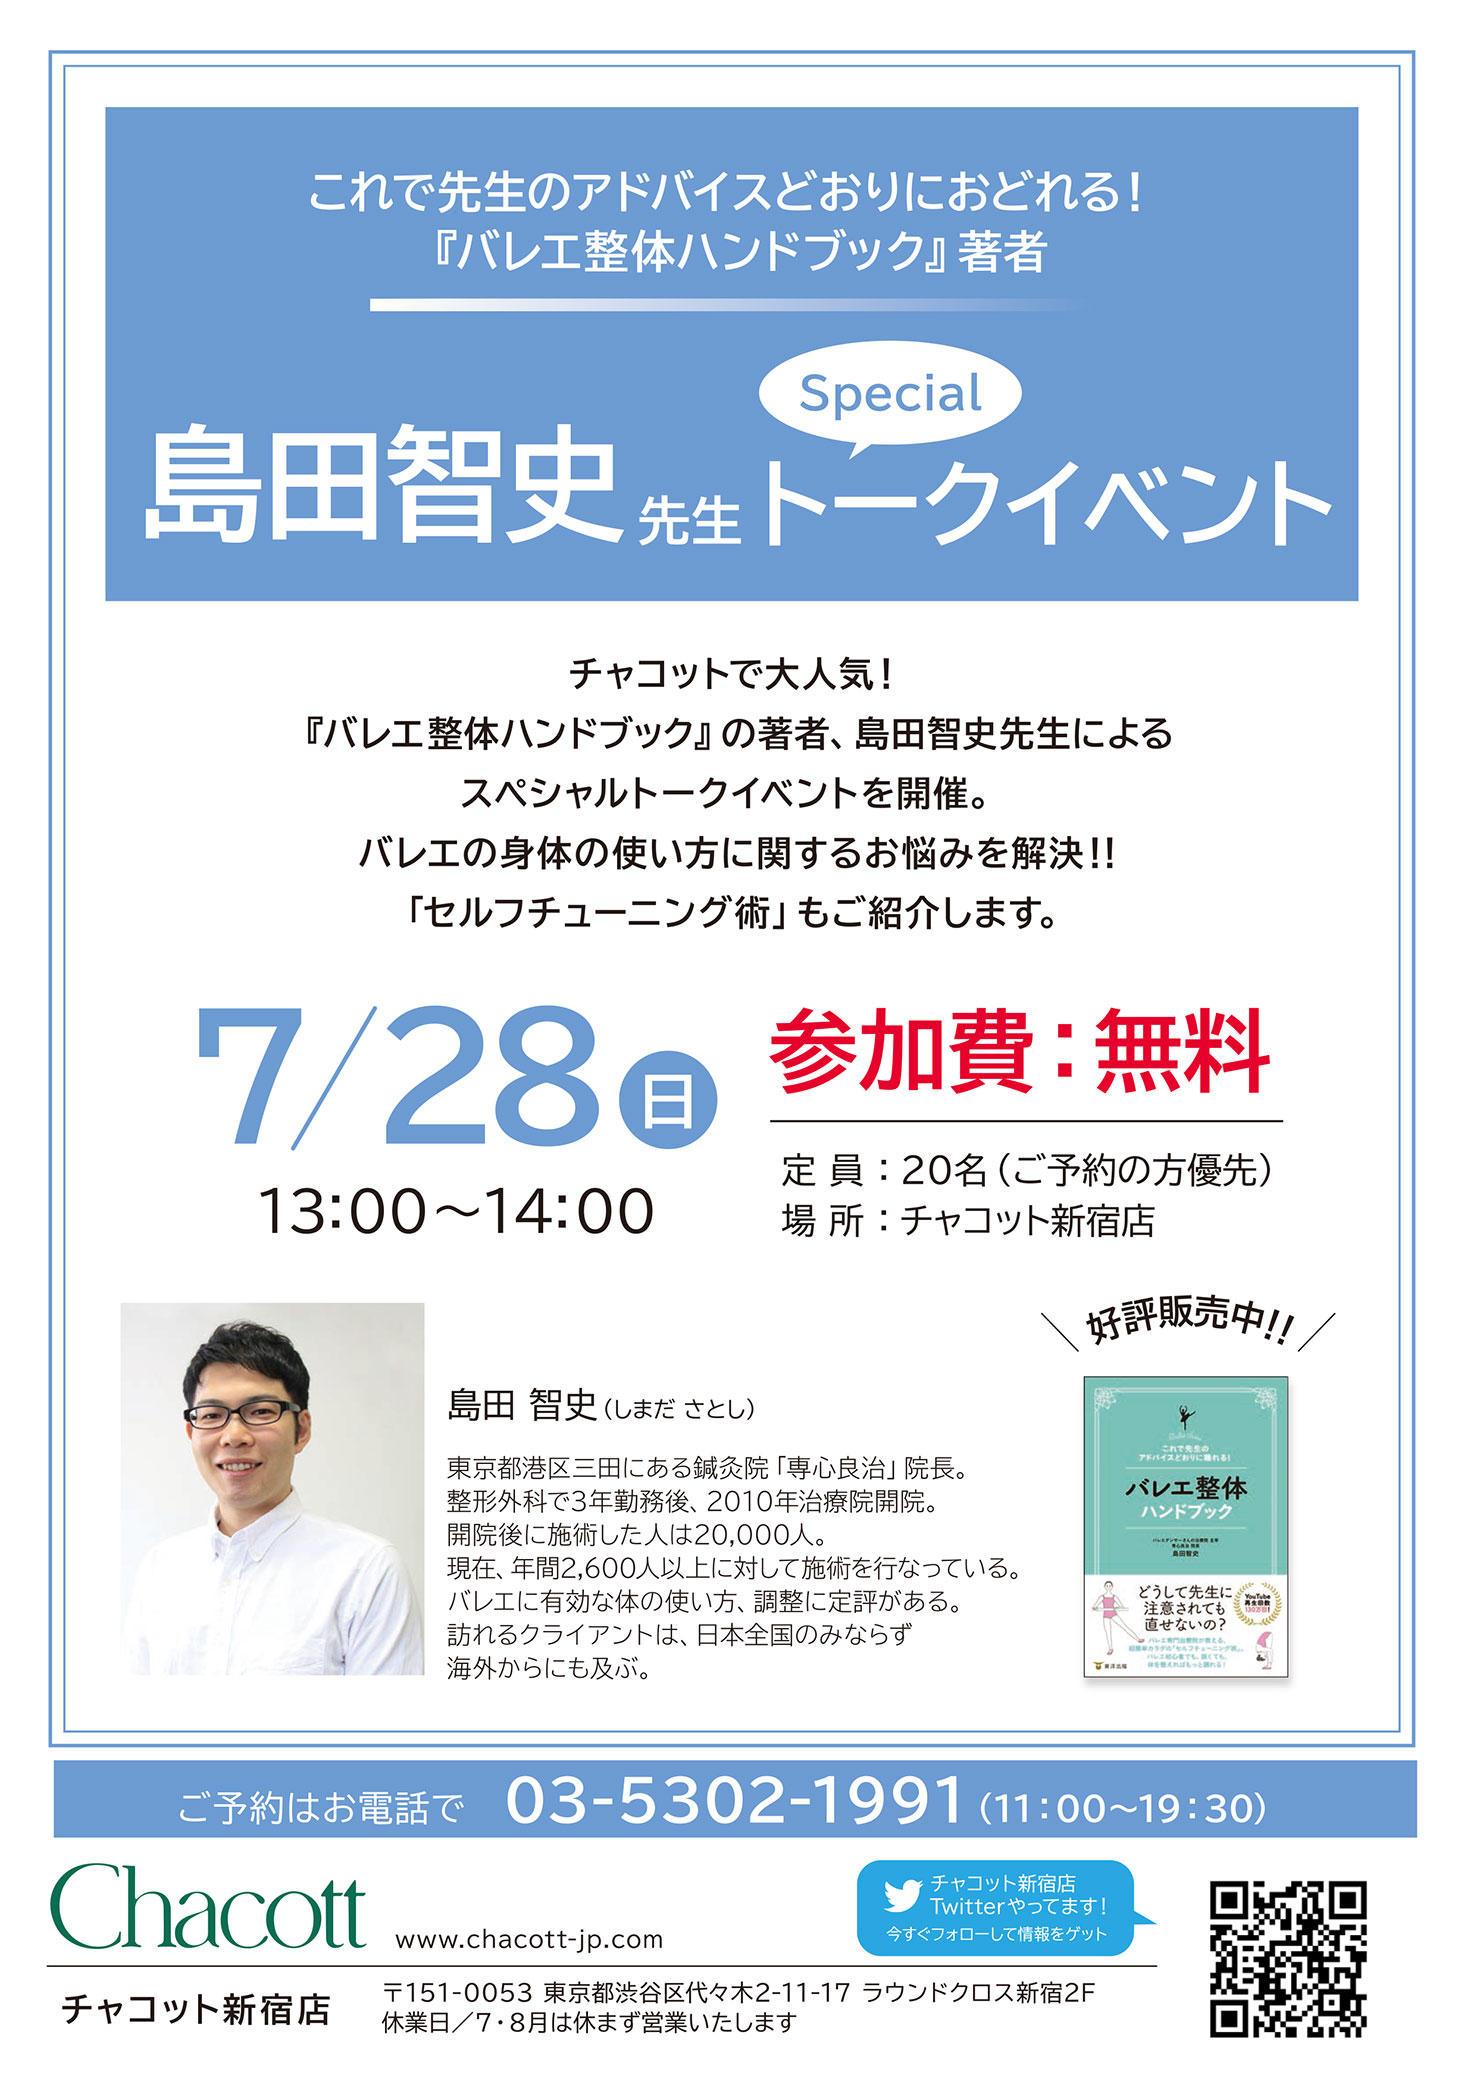 shimadasatosi_event_shinjuku_pop.jpg